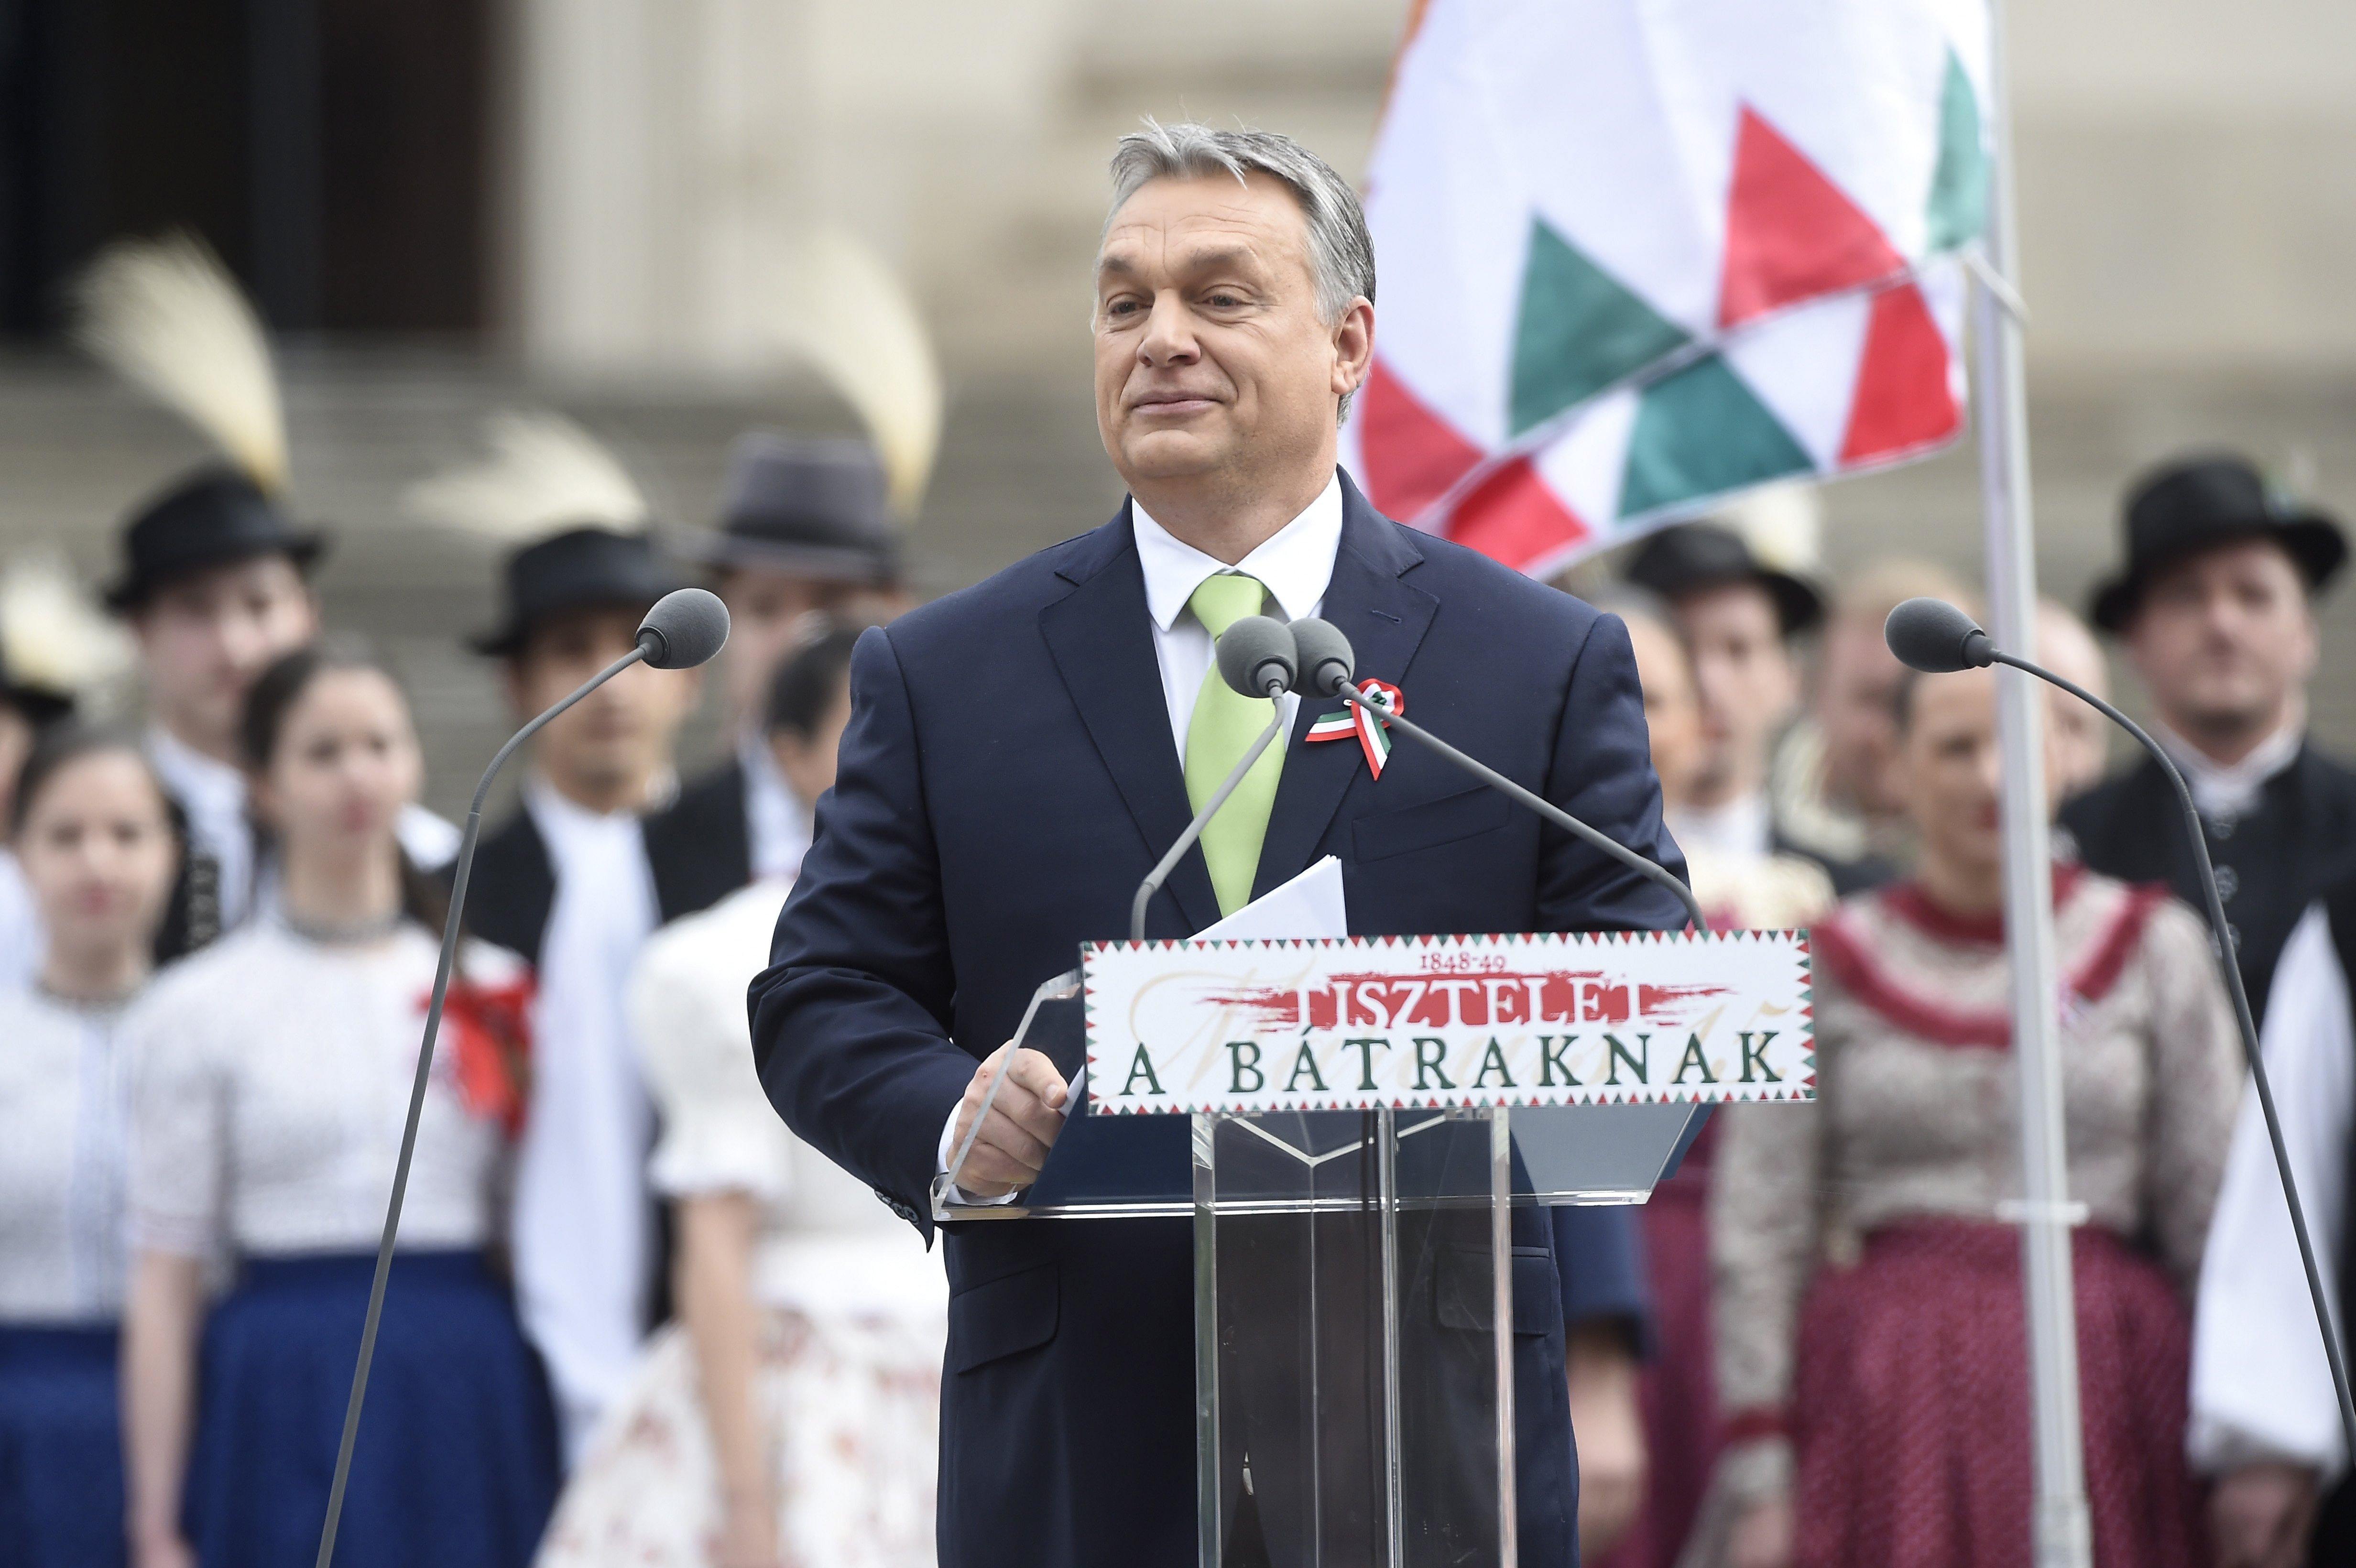 Budapest, 2017. március 15. Orbán Viktor miniszterelnök beszédet mond az 1848-49-es forradalom és szabadságharc 169. évfordulója alkalmából rendezett állami ünnepségen a Magyar Nemzeti Múzeum elõtt 2017. március 15-én. MTI Fotó: Kovács Tamás